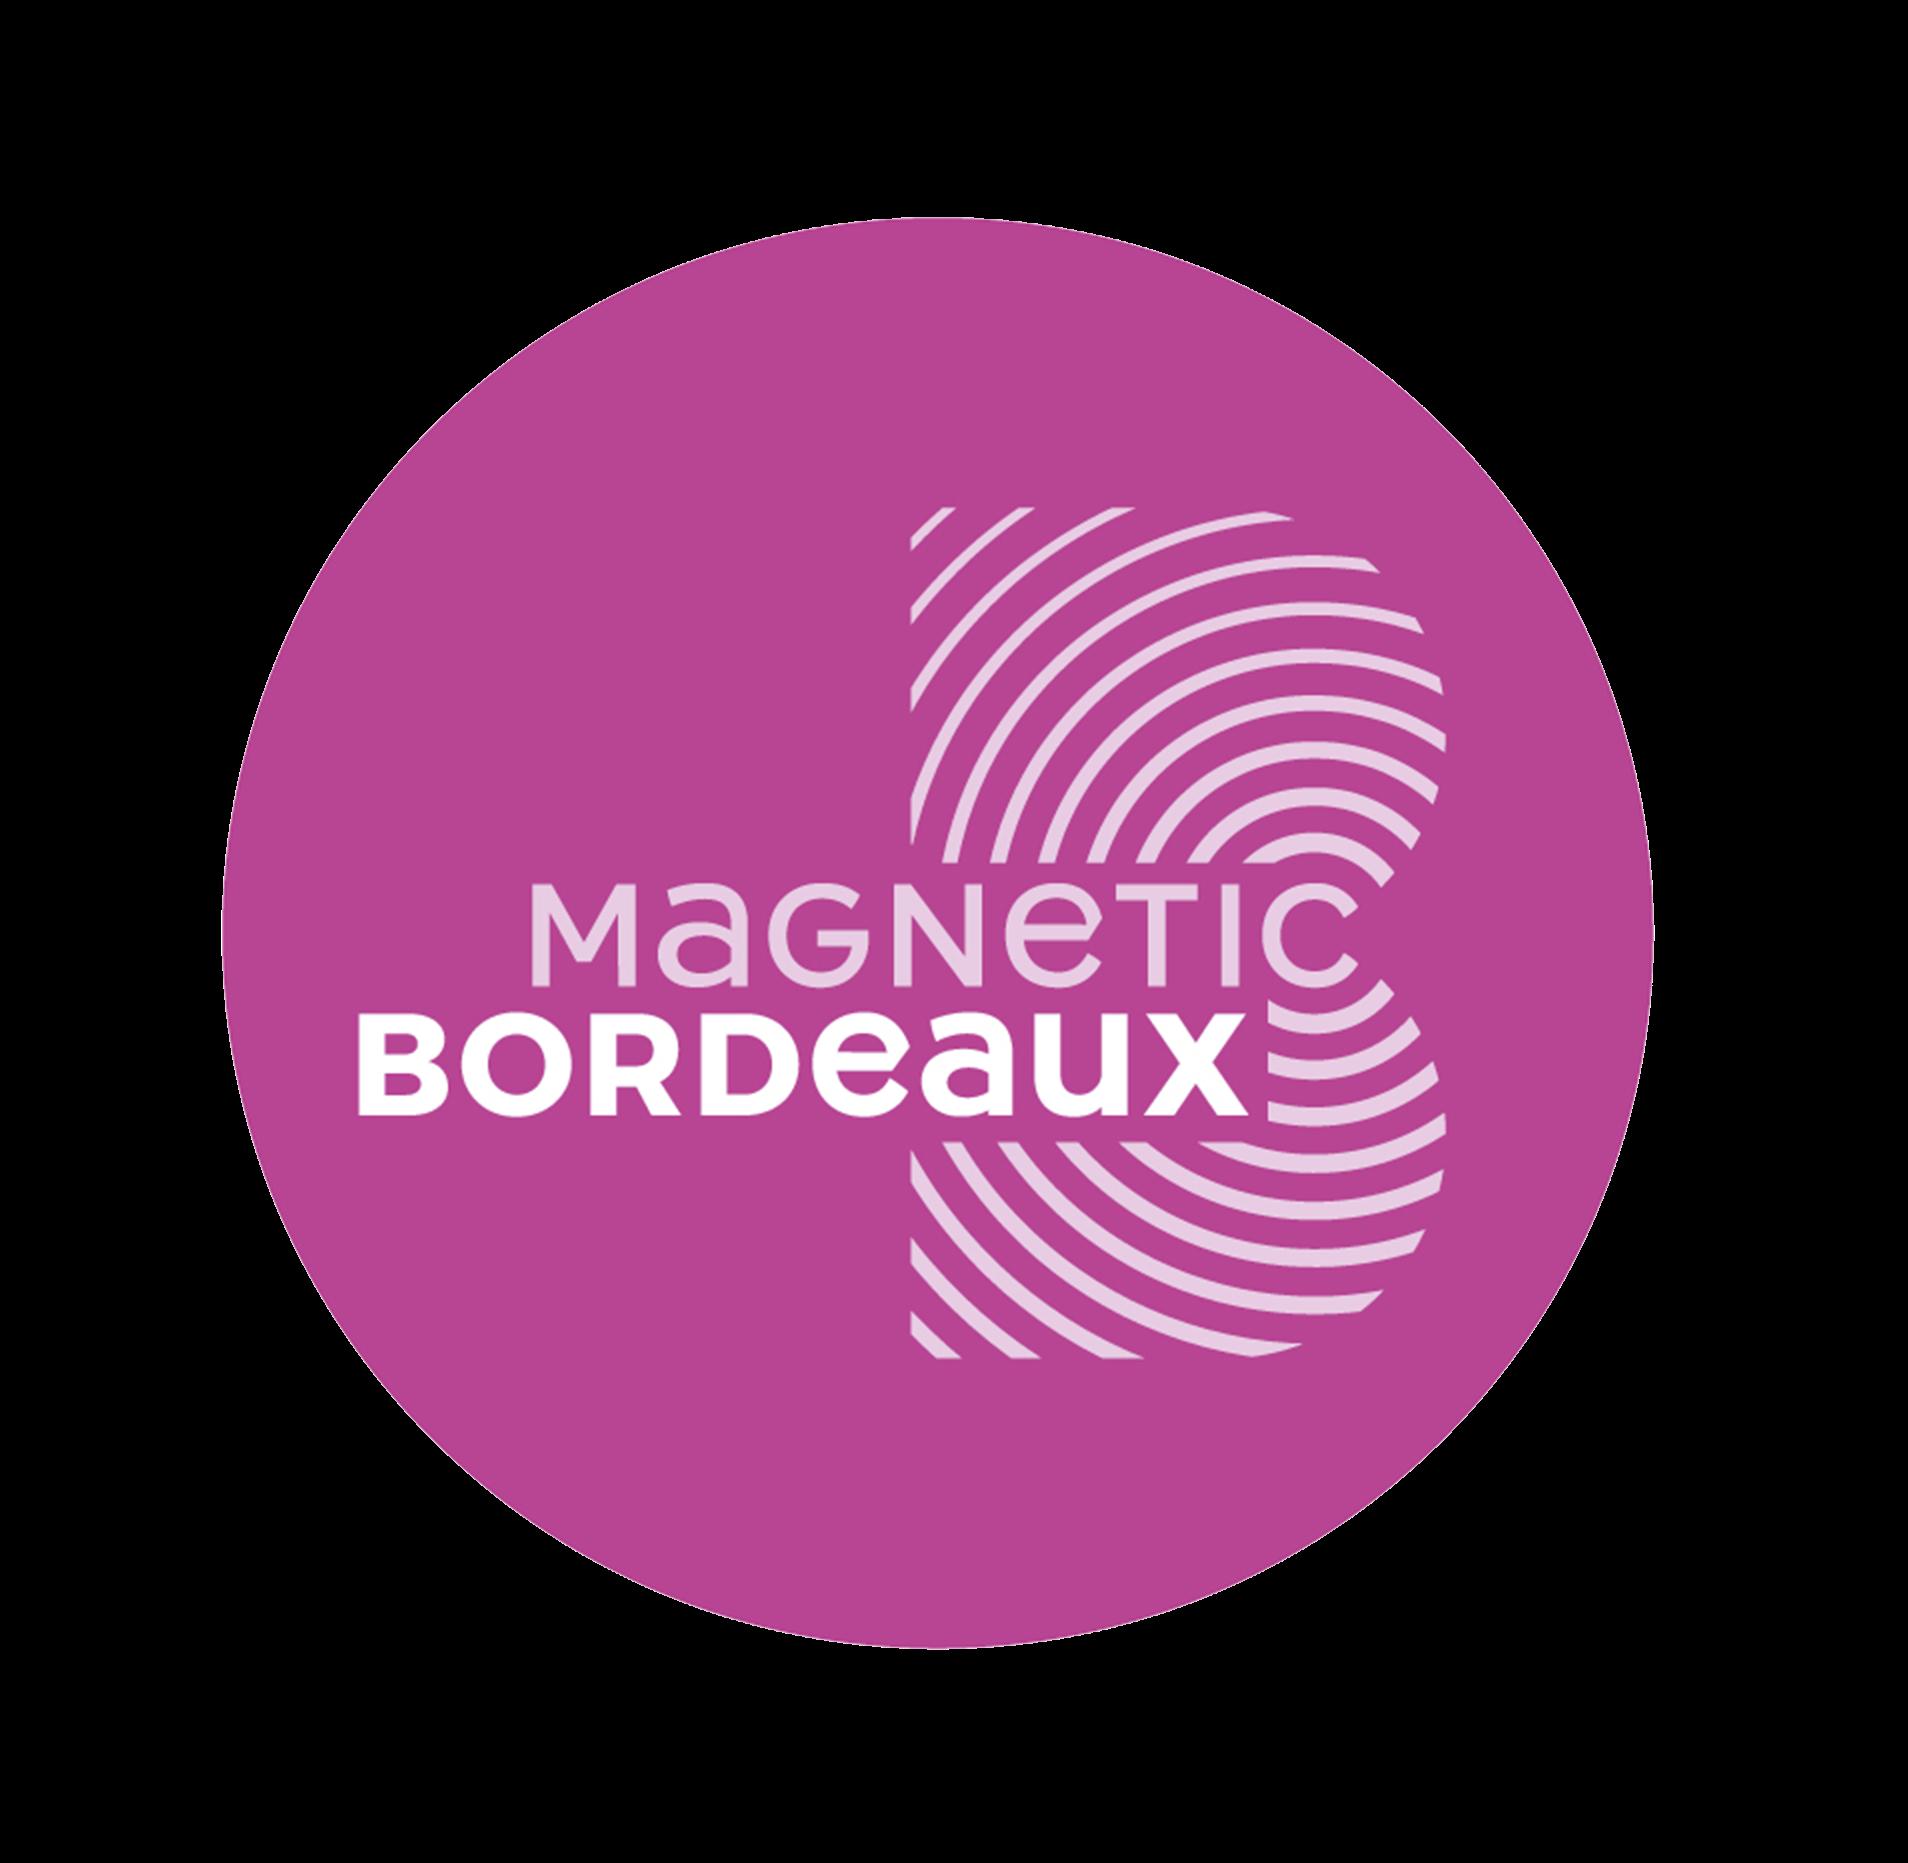 PARTENAIRE MAGNETIC BORDEAUX